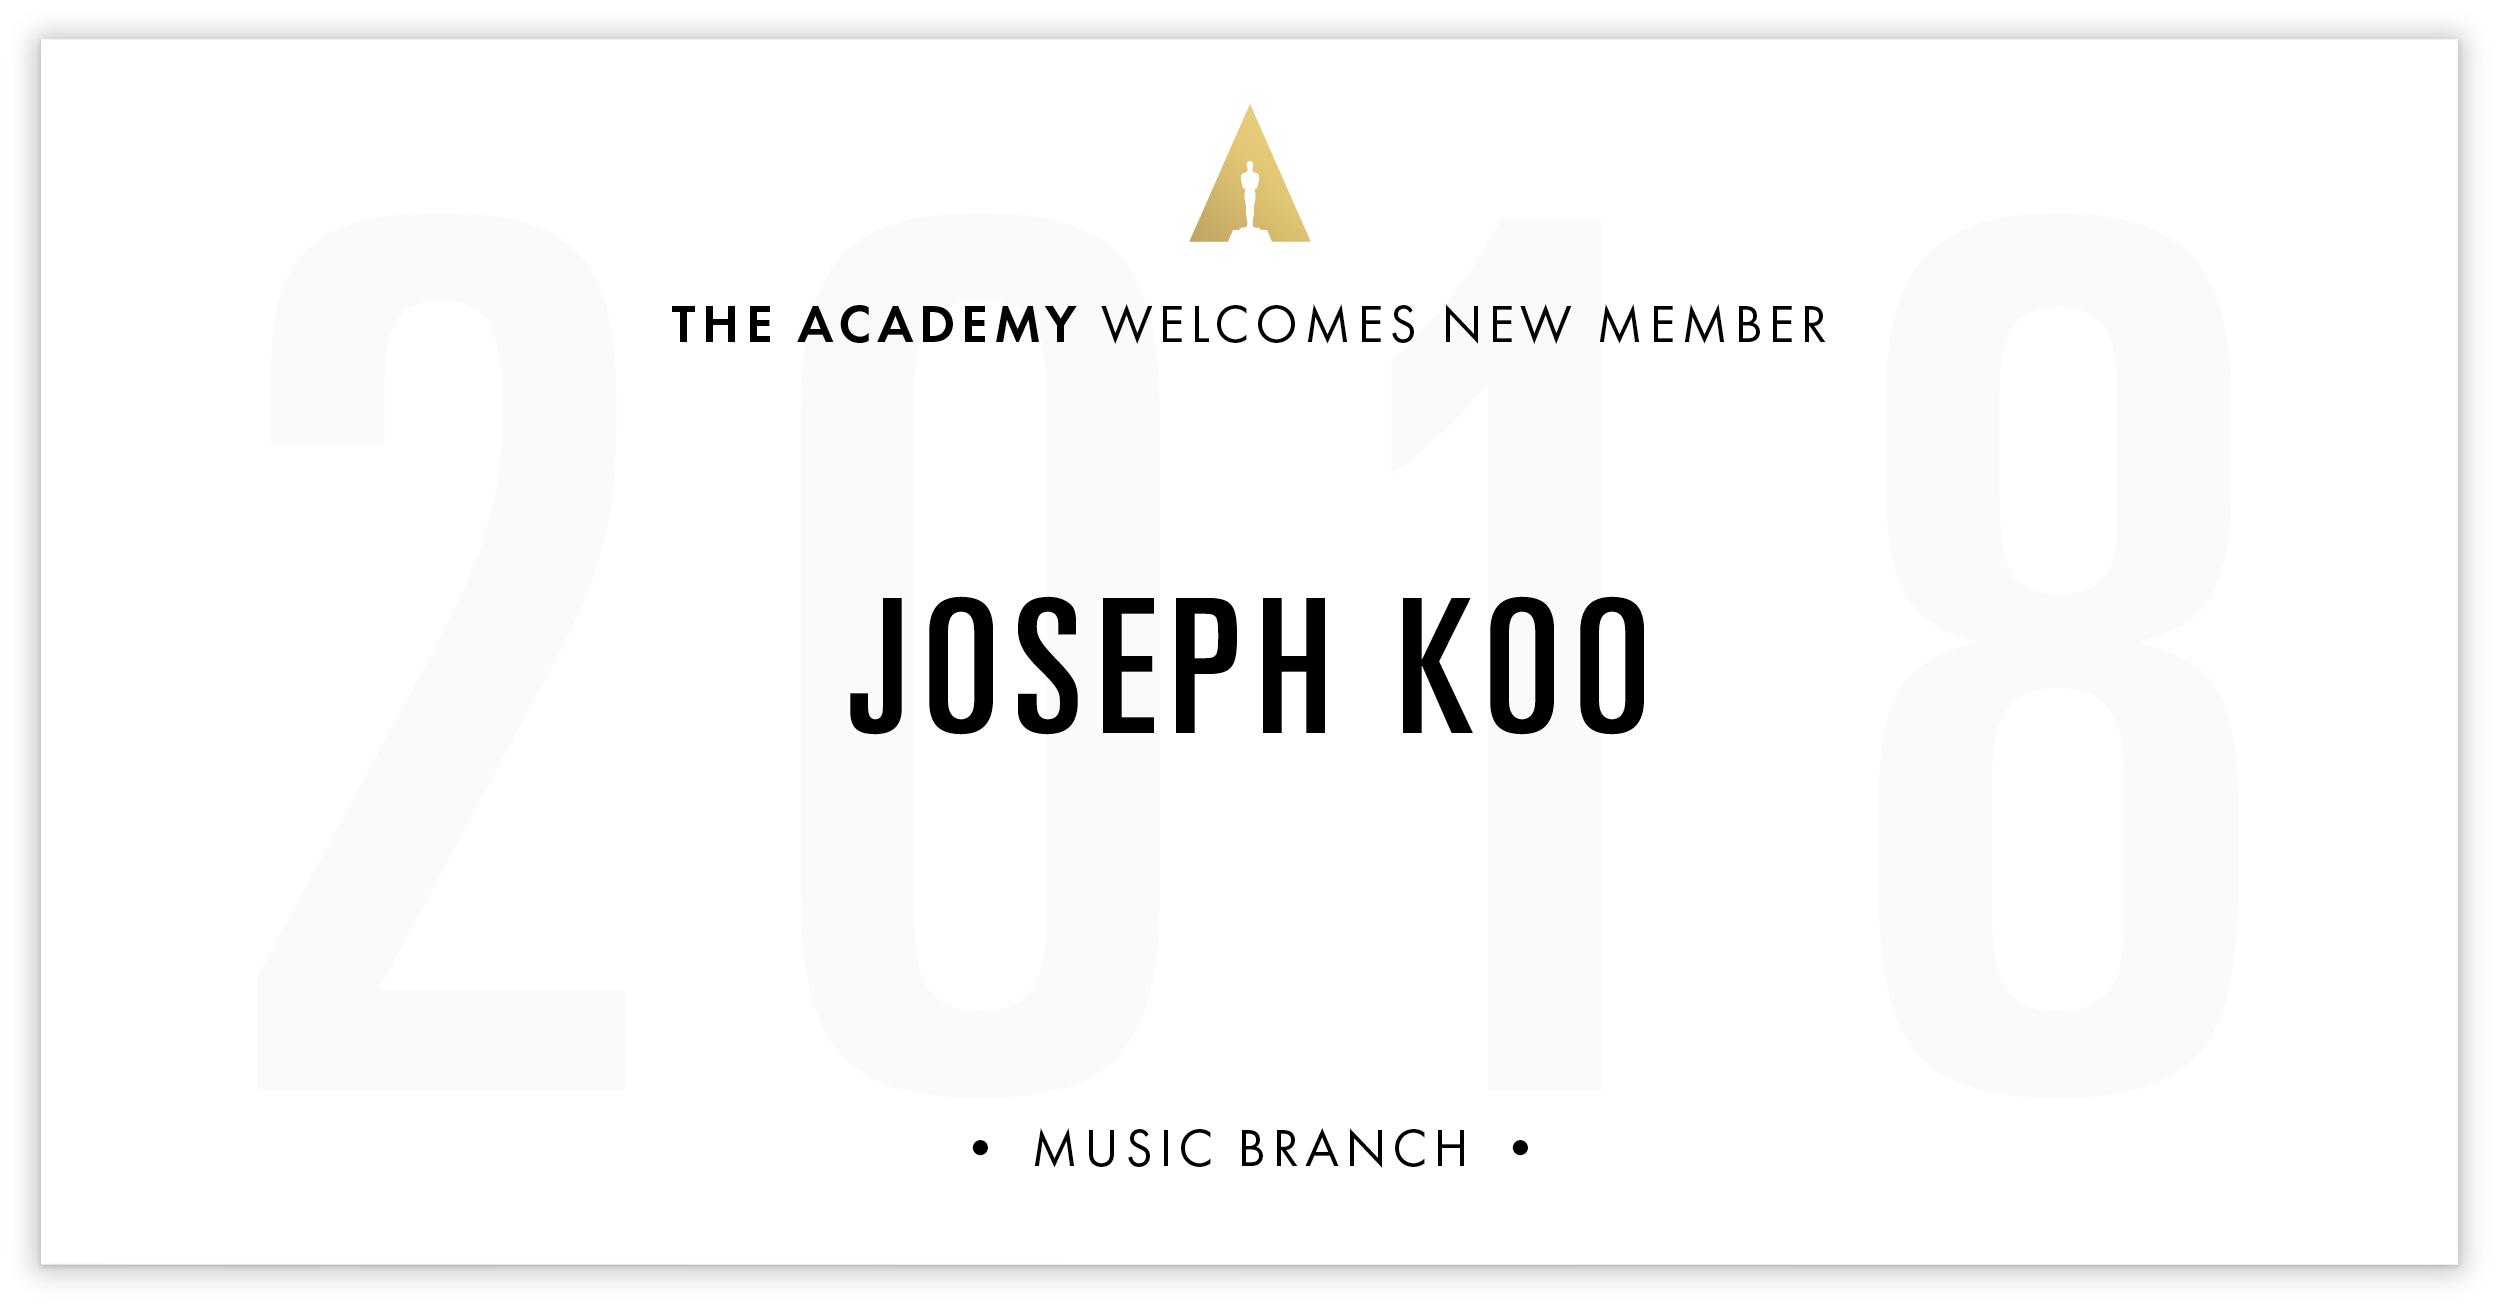 Joseph Koo is invited!